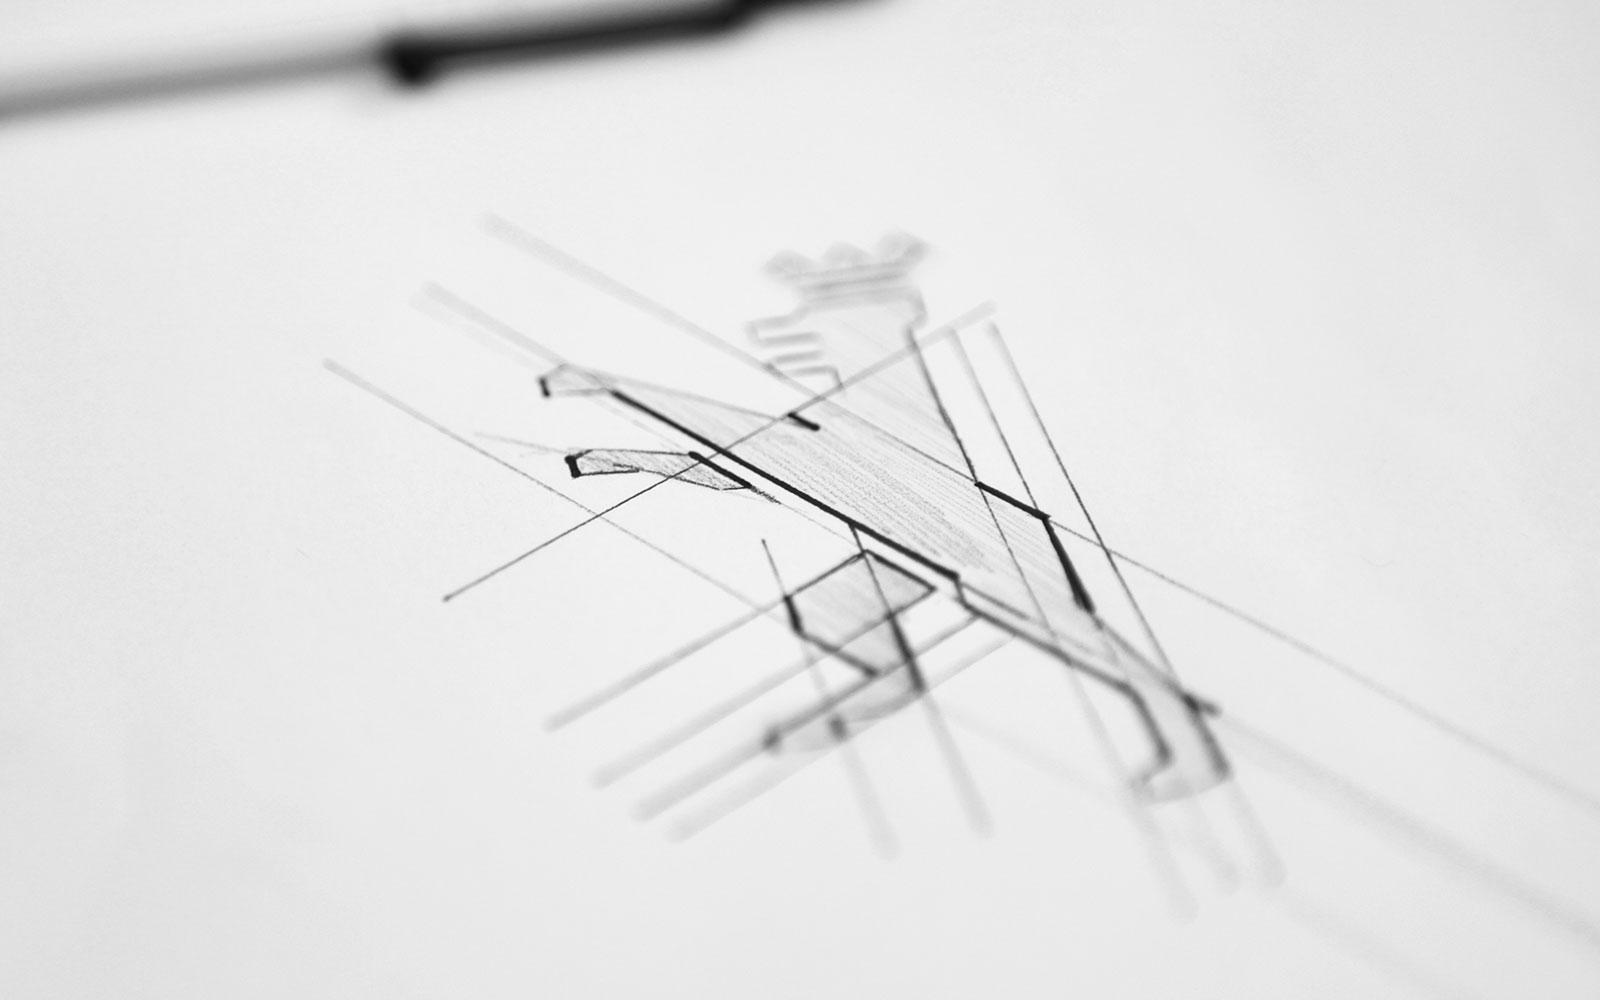 mcleod_1600p_zeichnung